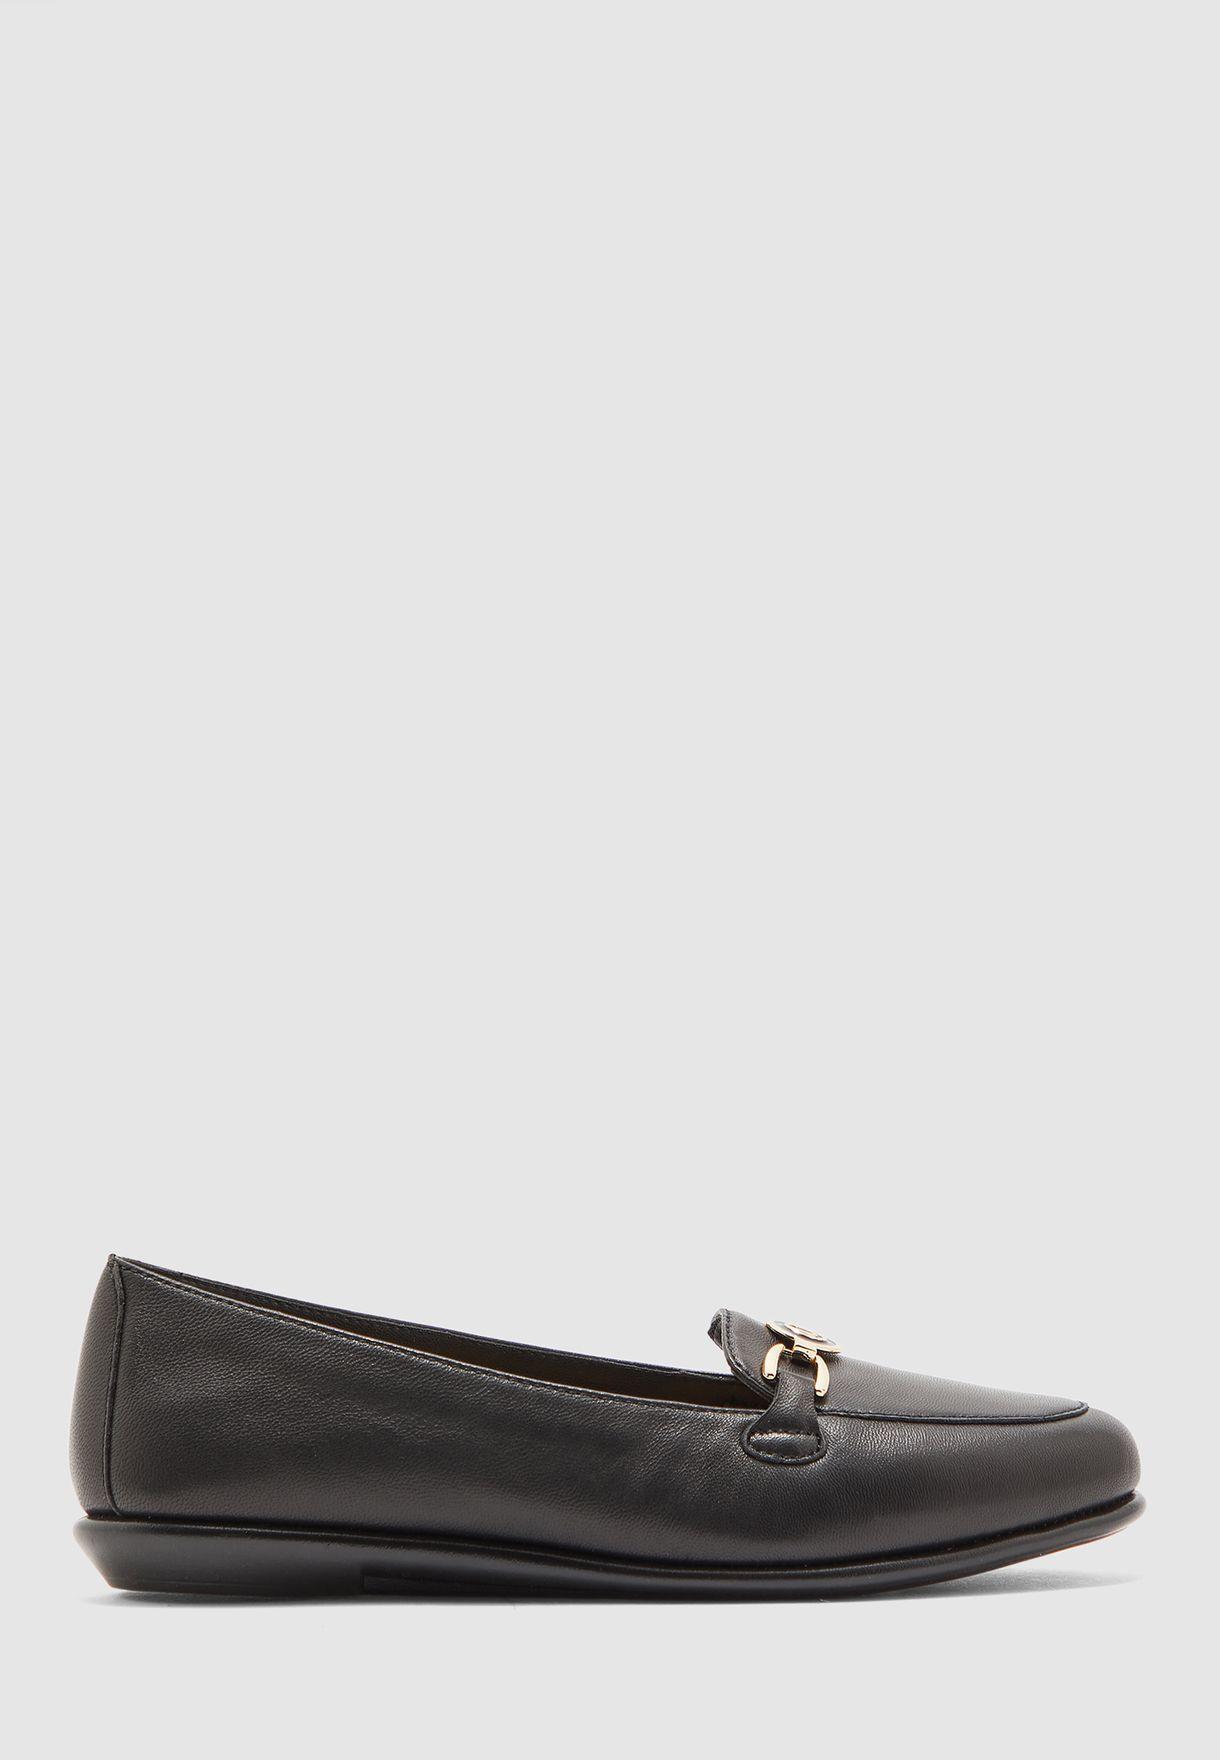 Le Confort Horsebit Moccasin - Brand Shoes